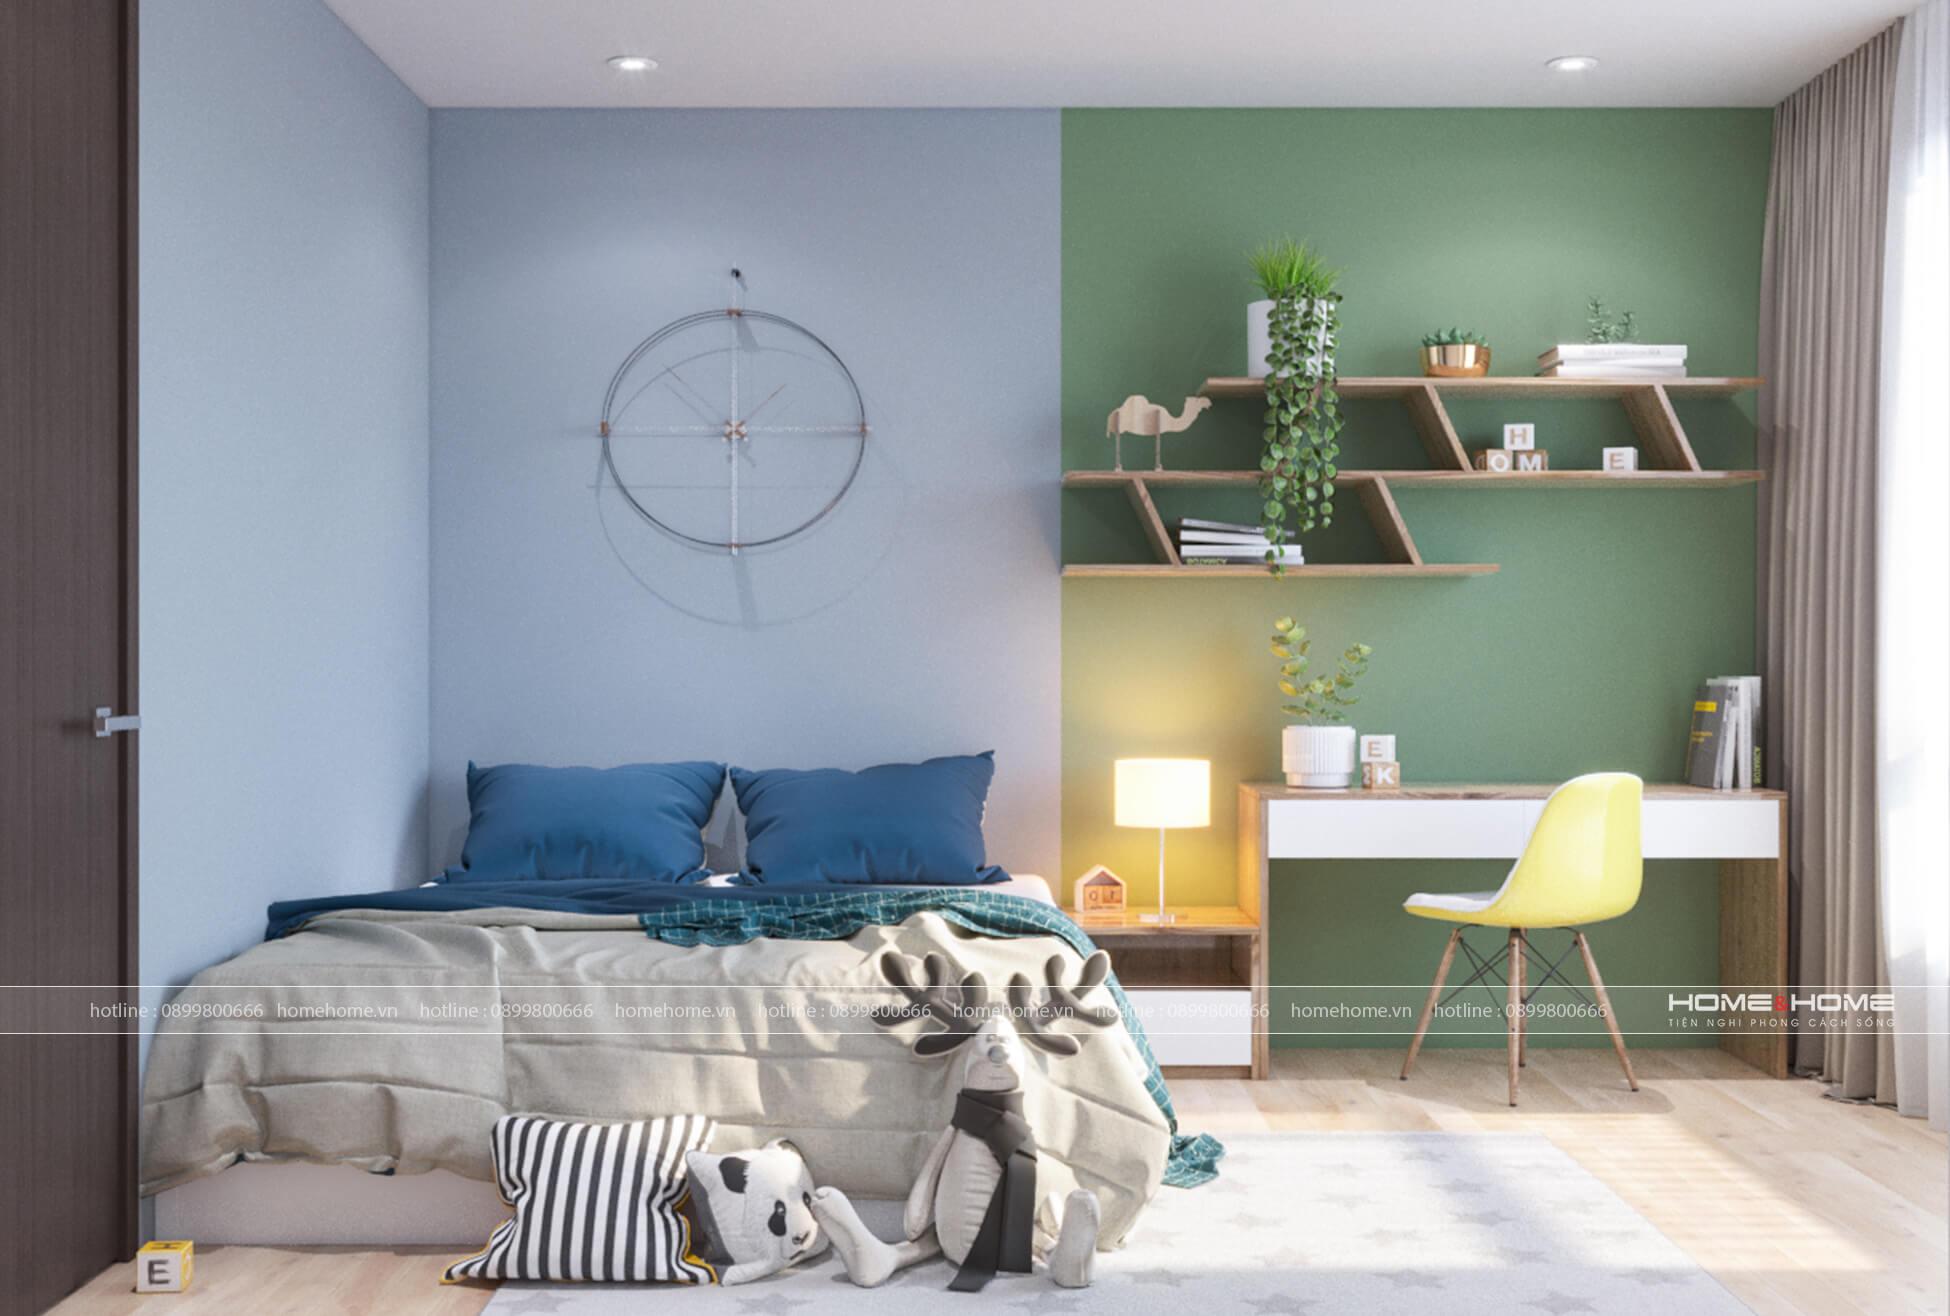 Vài mẹo nhỏ giúp trang trí phòng ngủ đẹp và độc đáo-5-1